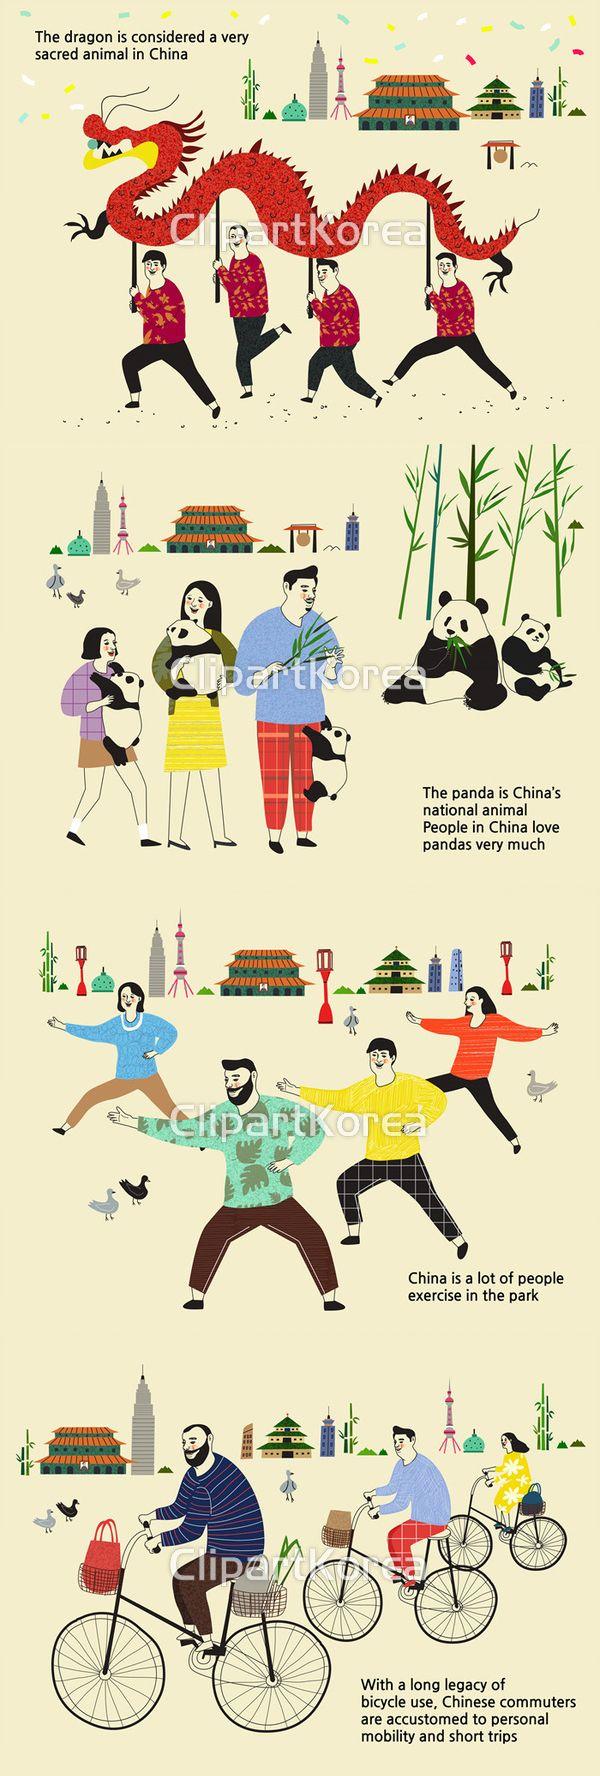 건축물 꽃종이 남자 네명 대나무 동방명주탑 들기 라이프스타일 랜드마크 명소 문화 빌딩 빨간색 사람 어른 영어 용 인형 일러스트 전통 중국 즐거움…